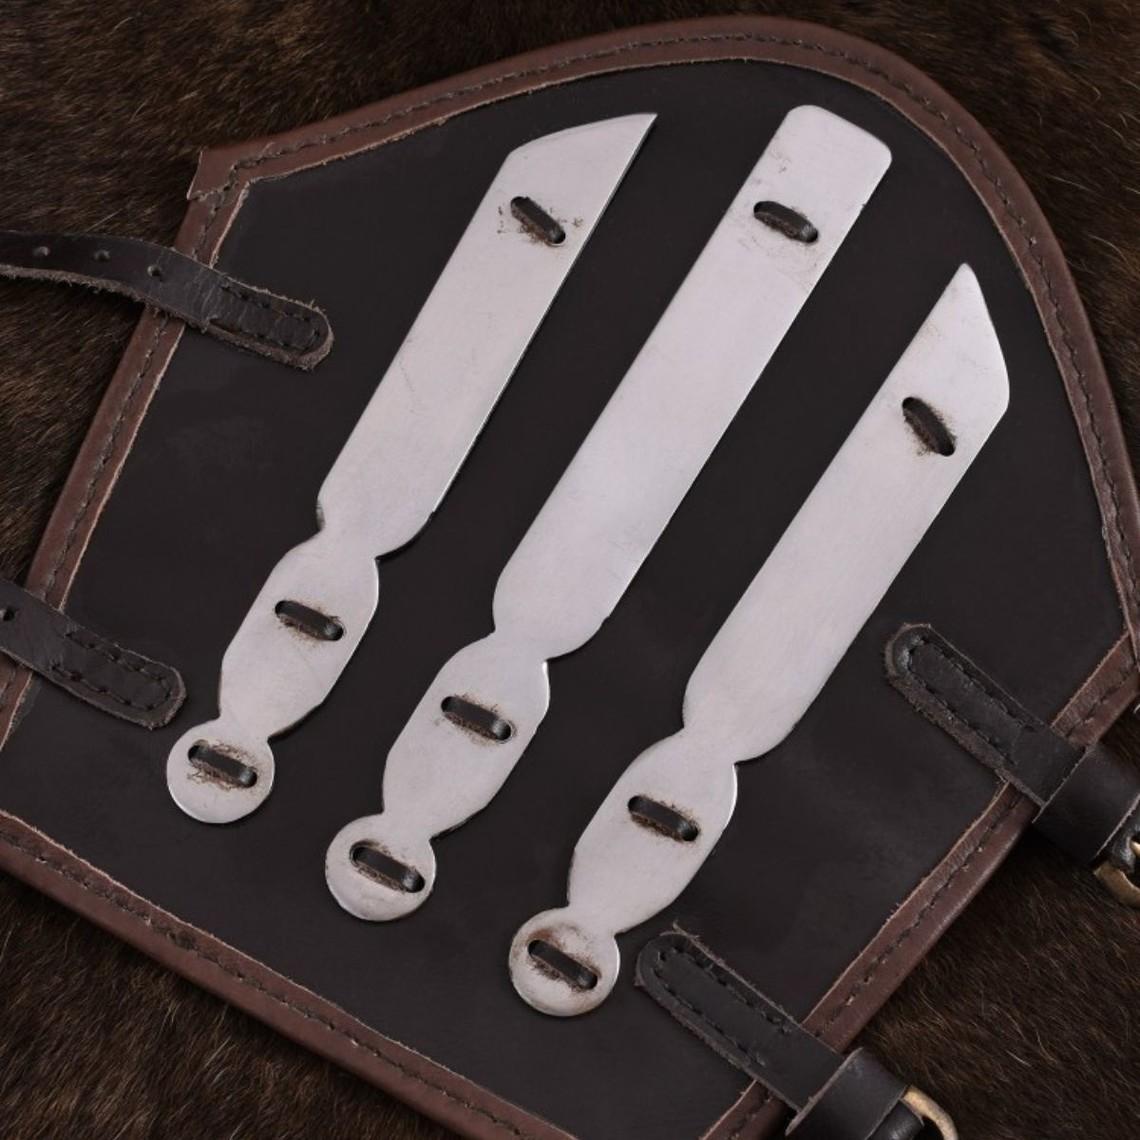 Ulfberth vambrace de cuero con tiras metálicas de Aerdwulf